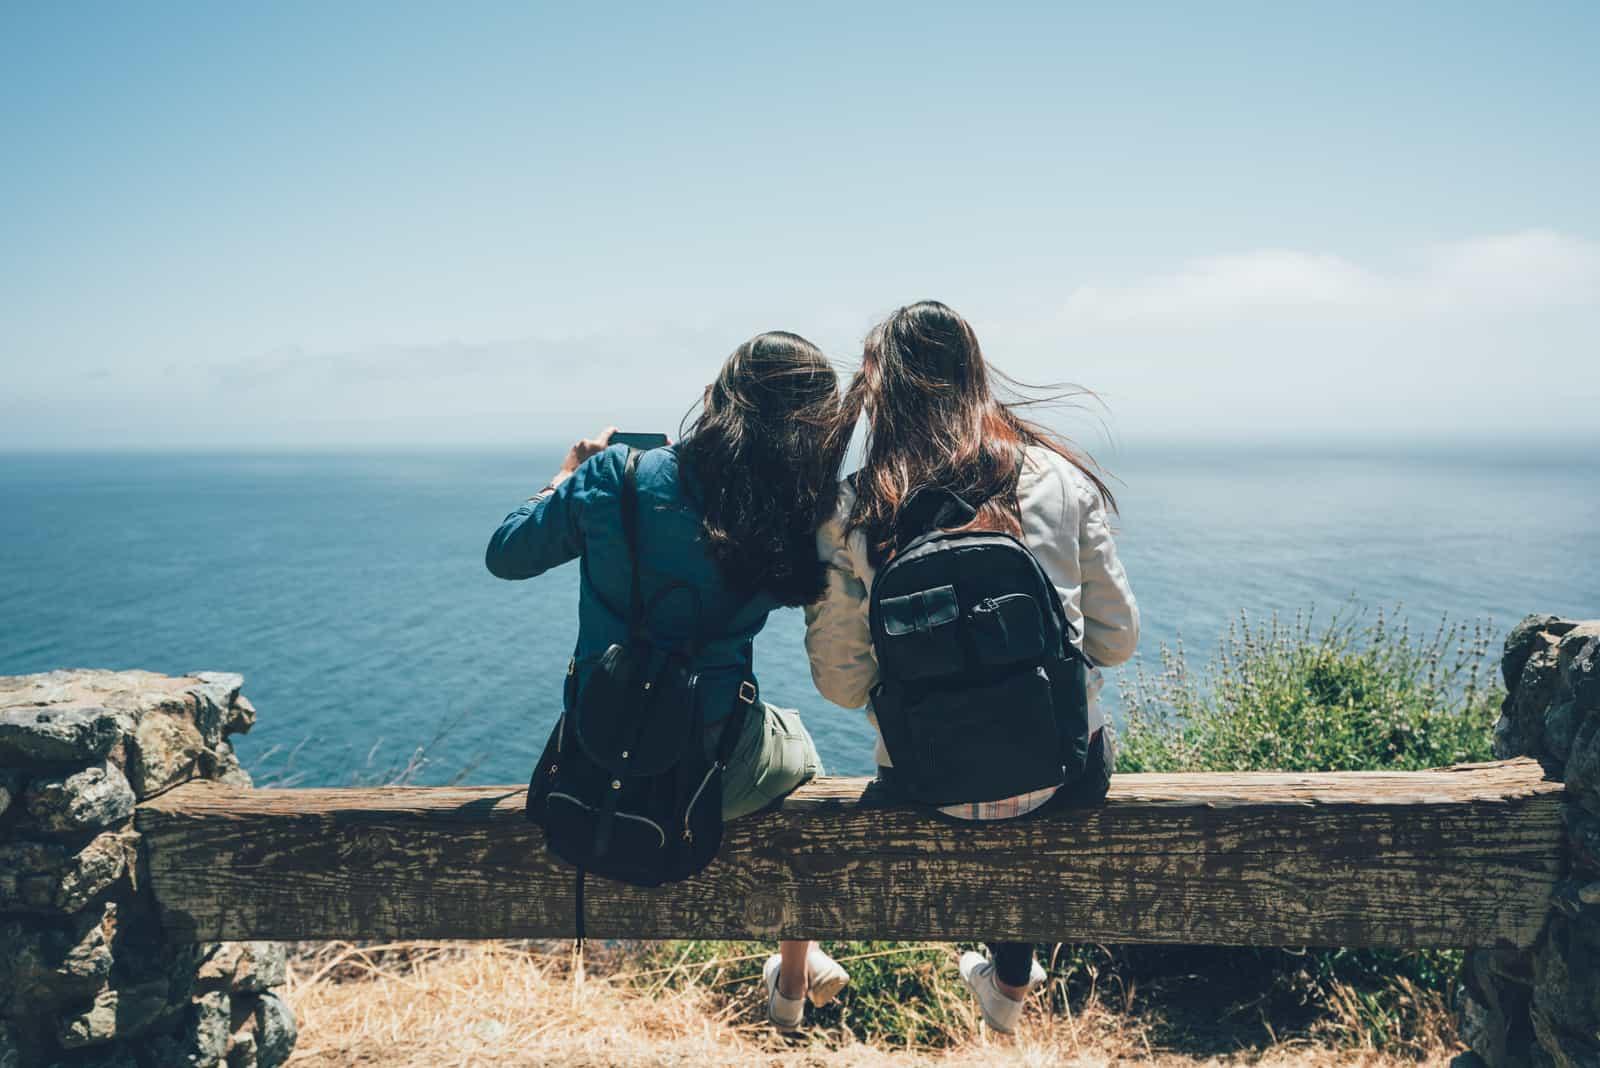 Deux amis routards assis sur un banc en bois